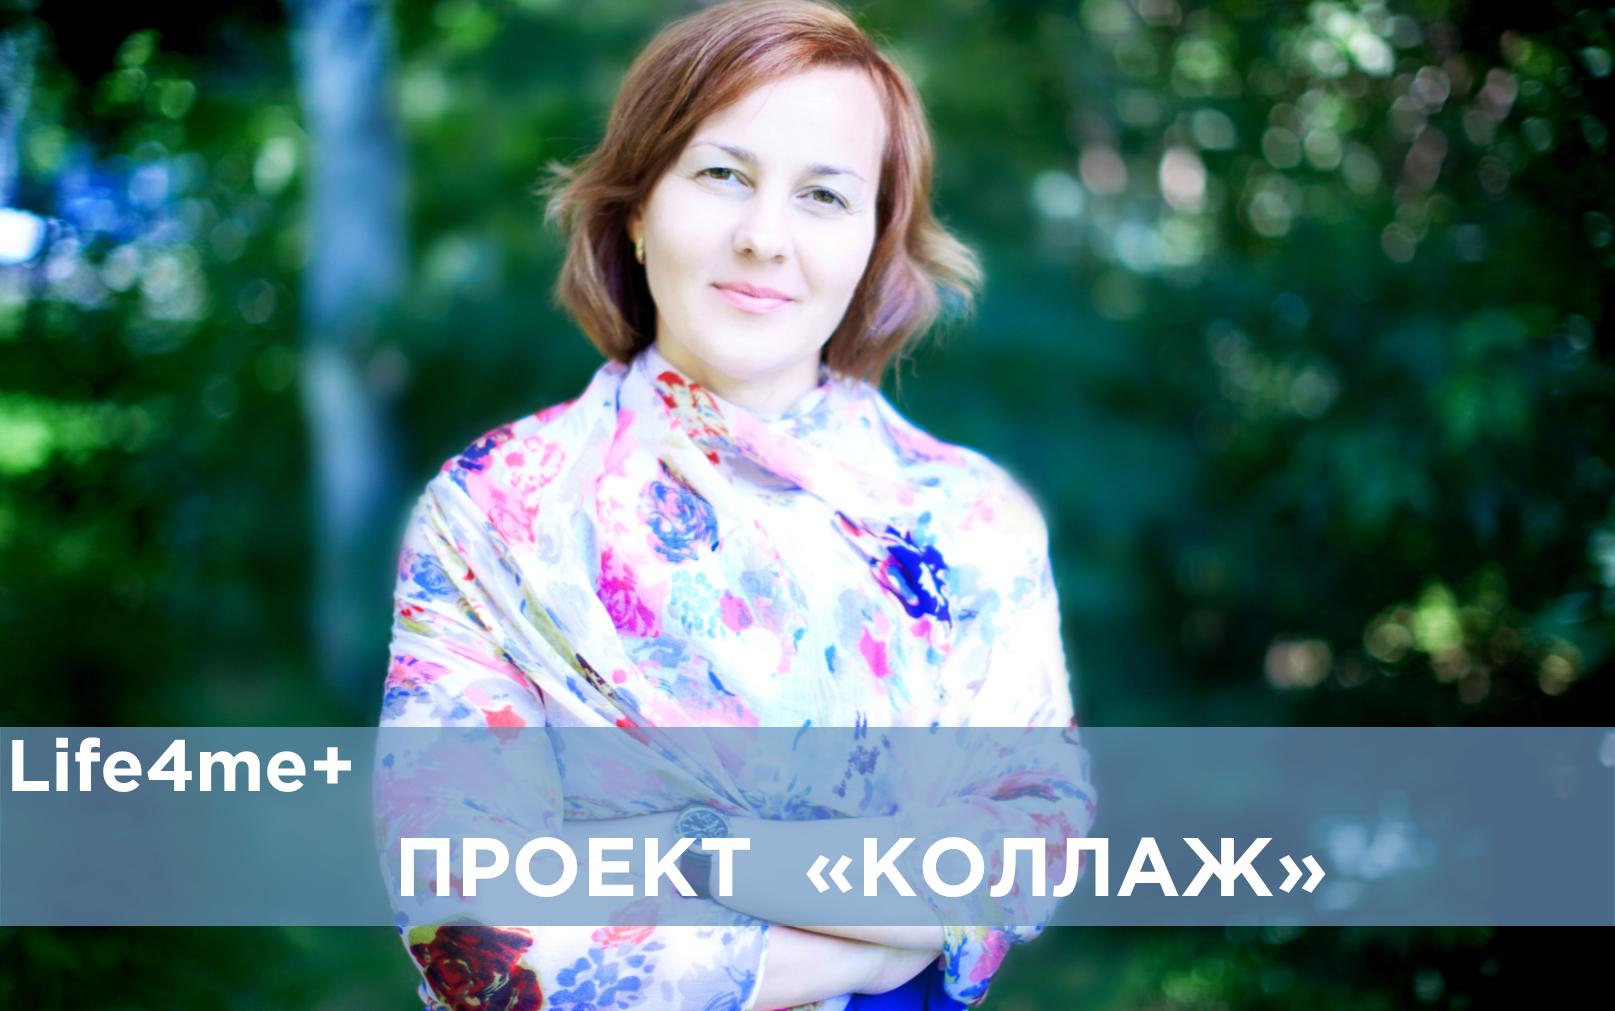 """Коллаж: """"Я вообще была ВИЧ-диссиденткой"""", - Полина Родимкина."""